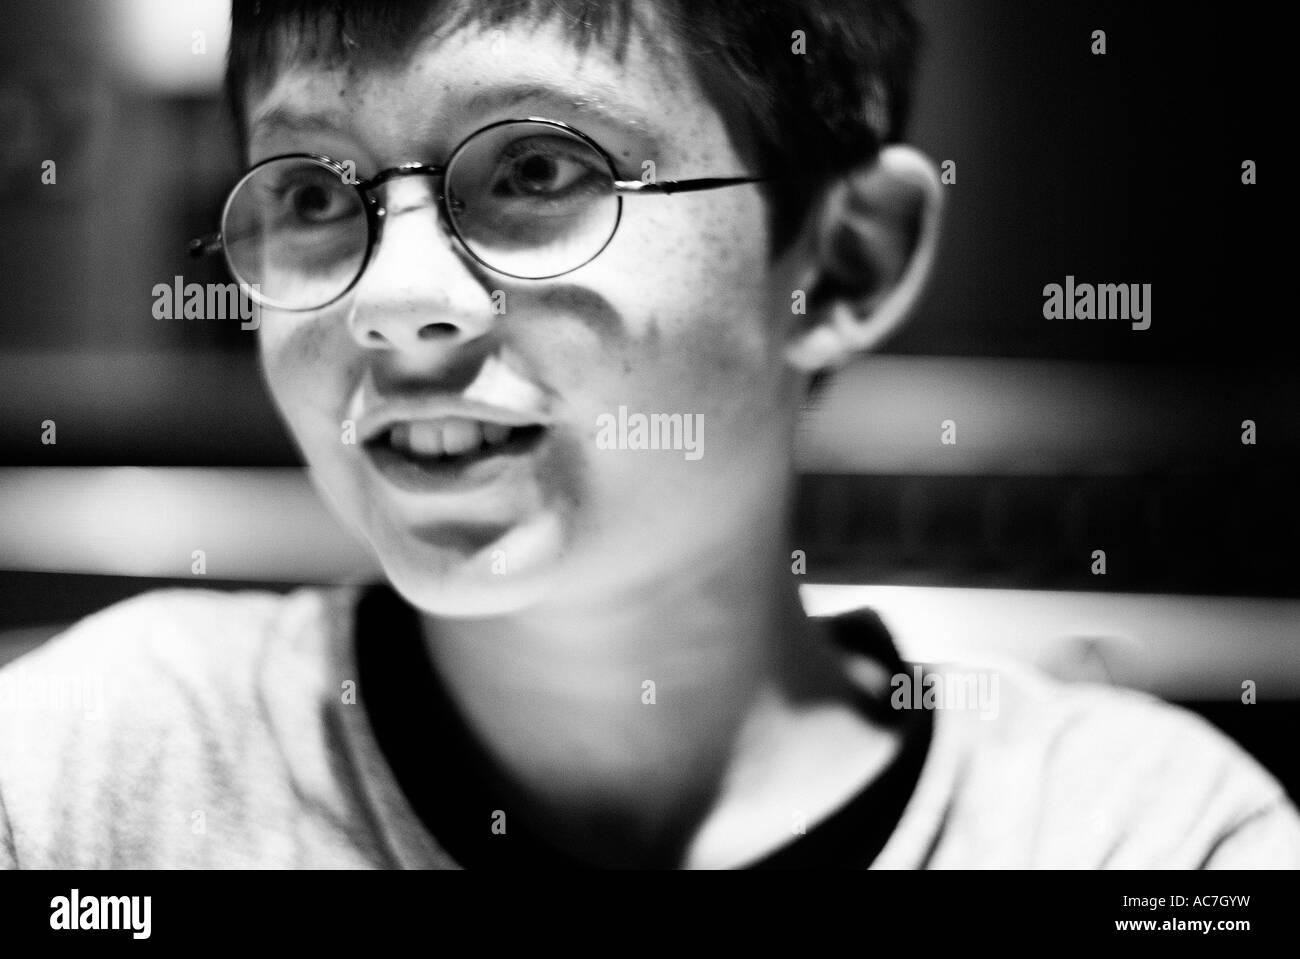 Retrato En Blanco Y Negro De Un Joven Muchacho Sonriente Que Parece